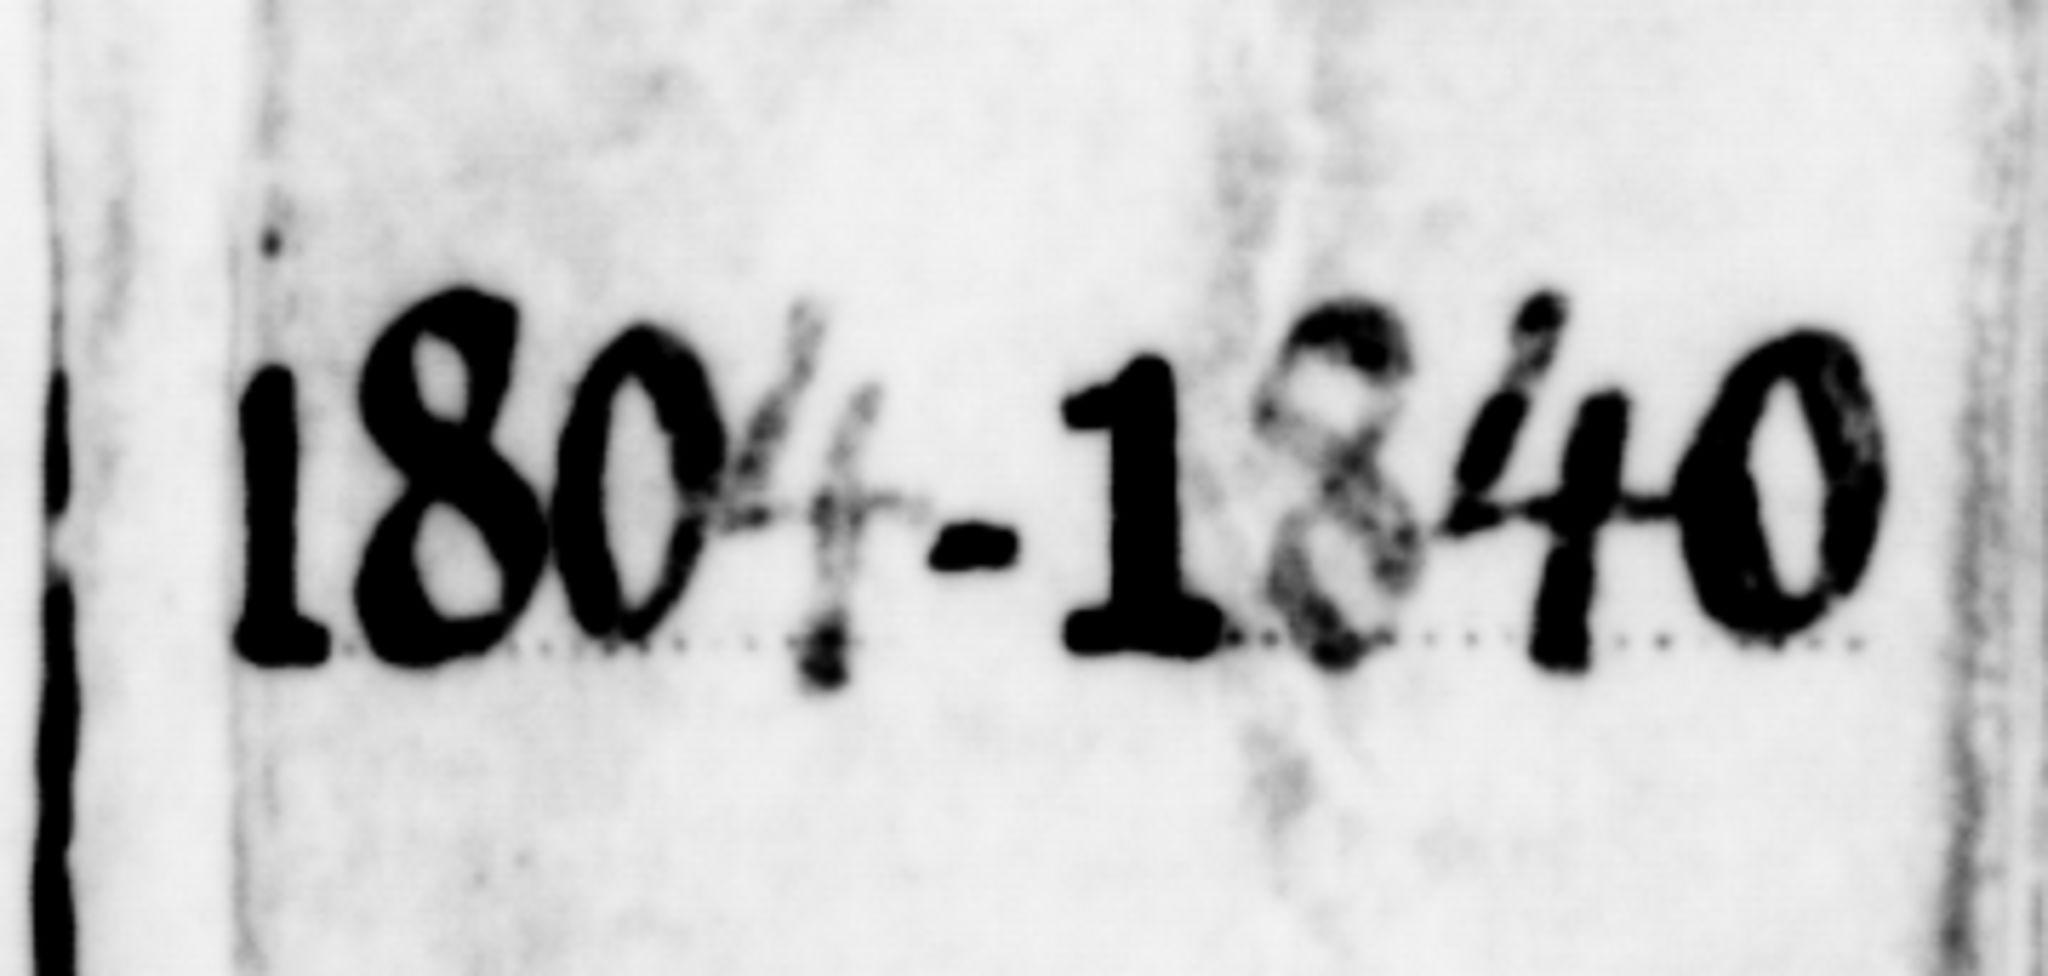 SAT, Ministerialprotokoller, klokkerbøker og fødselsregistre - Møre og Romsdal, 551/L0622: Ministerialbok nr. 551A02, 1804-1845